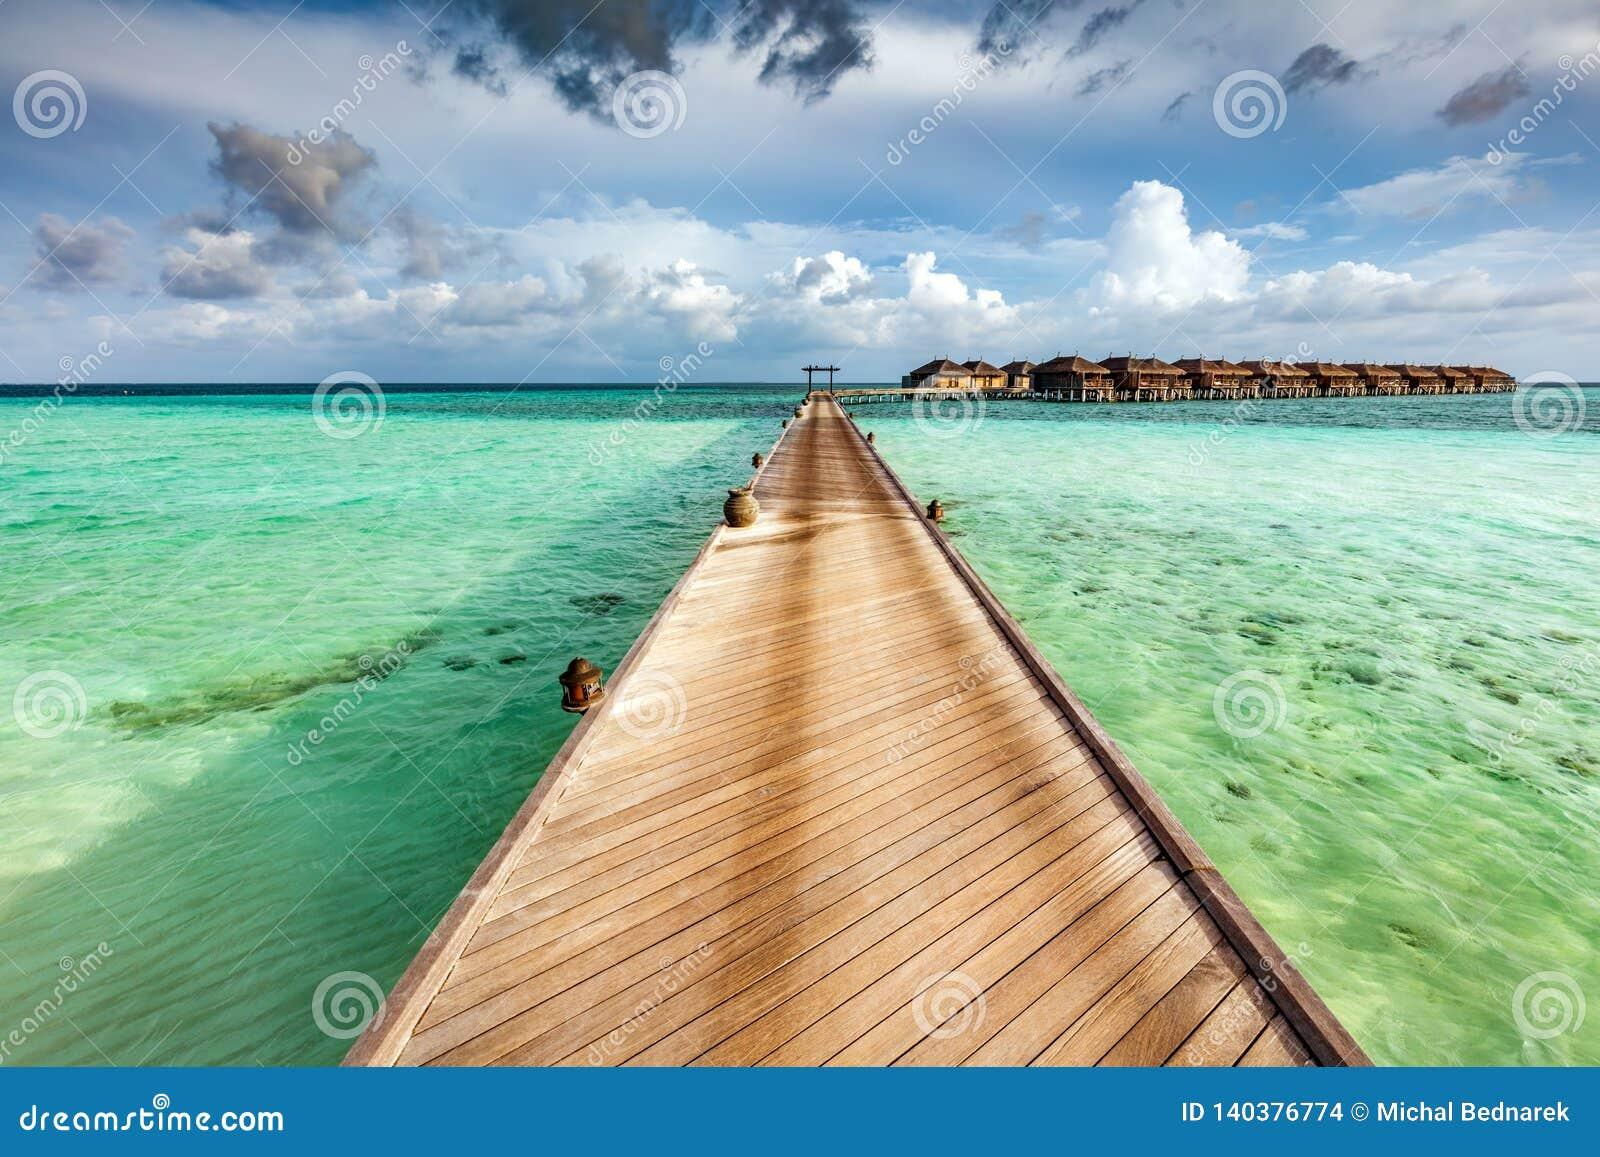 Embarcadero de madera en el océano en las islas de Maldivas